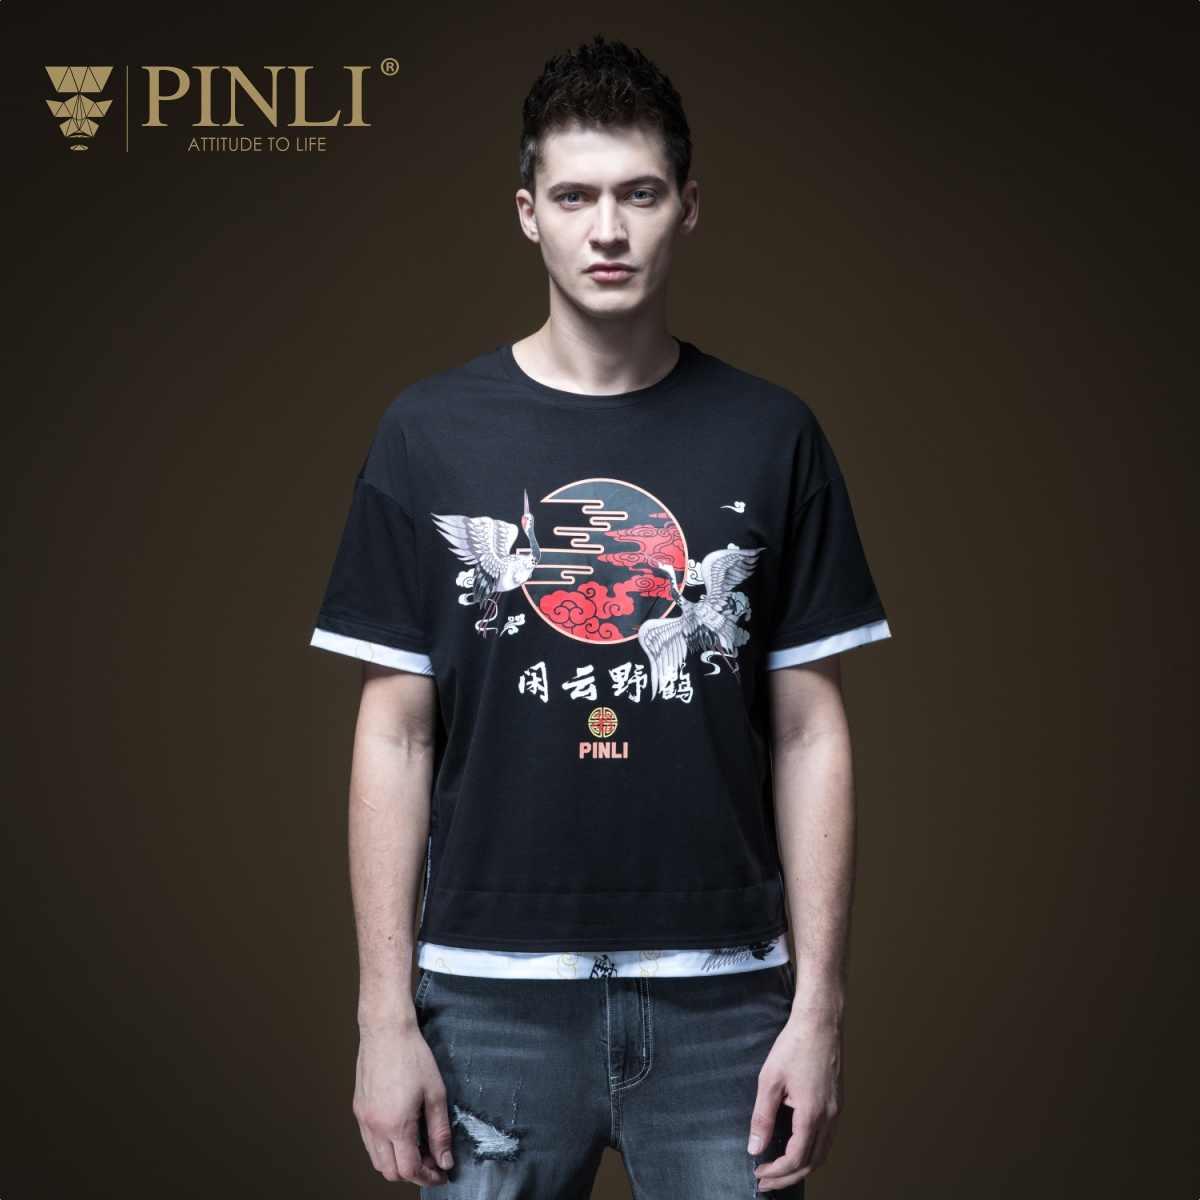 Дворец Linkin Park Pinli новые летние Для мужчин украшения тела Сращивание Цвет отдачей, футболка с коротким рукавом Футболка с рукавами прилив B192411413